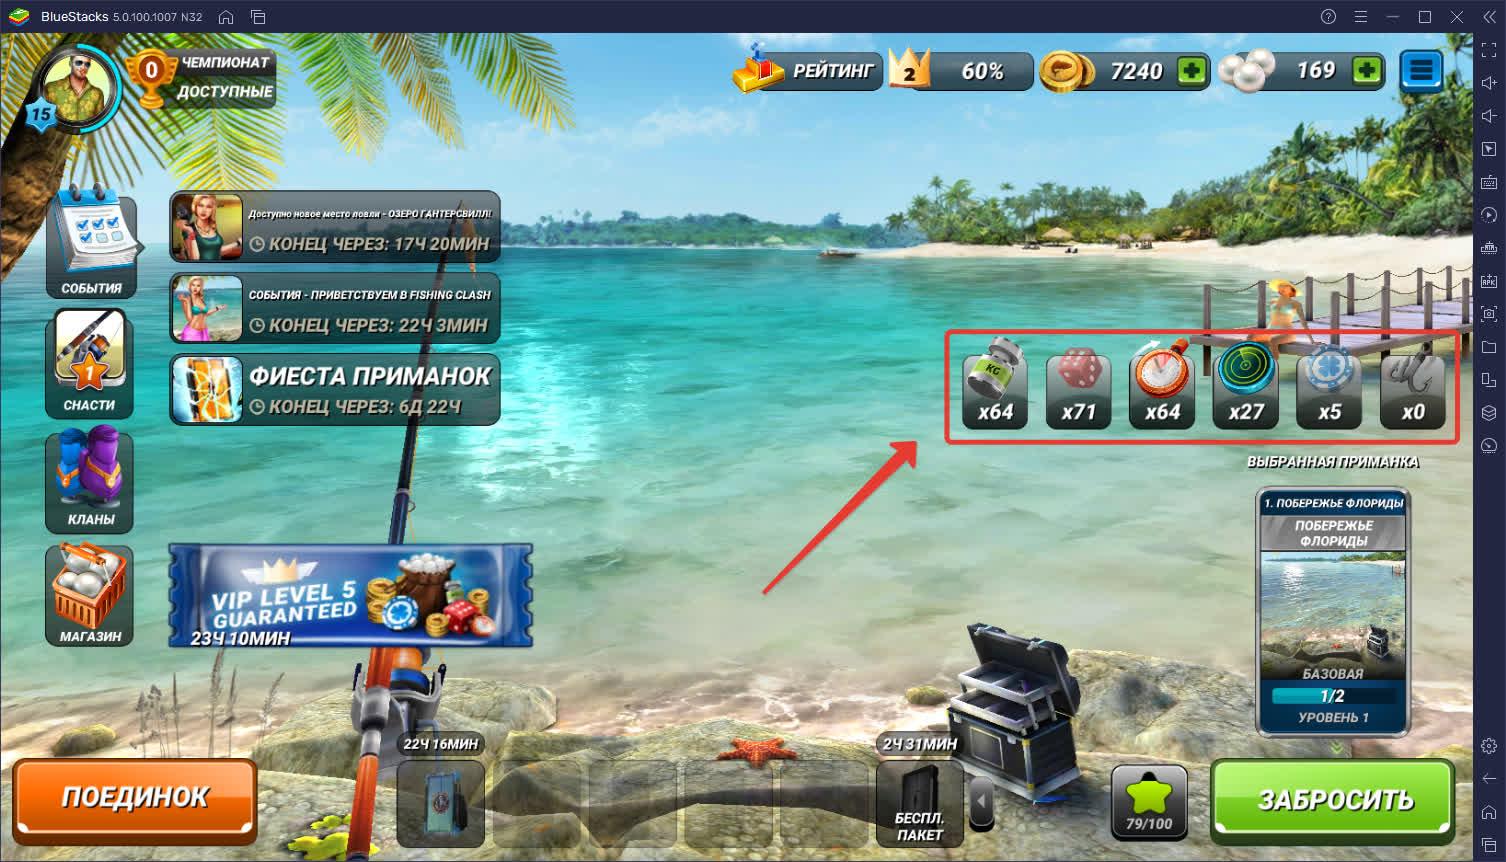 Советы для начинающих игроков в Fishing Clash: как выигрывать в поединках, ловить крупную рыбу и не тратить ресурсы зря?